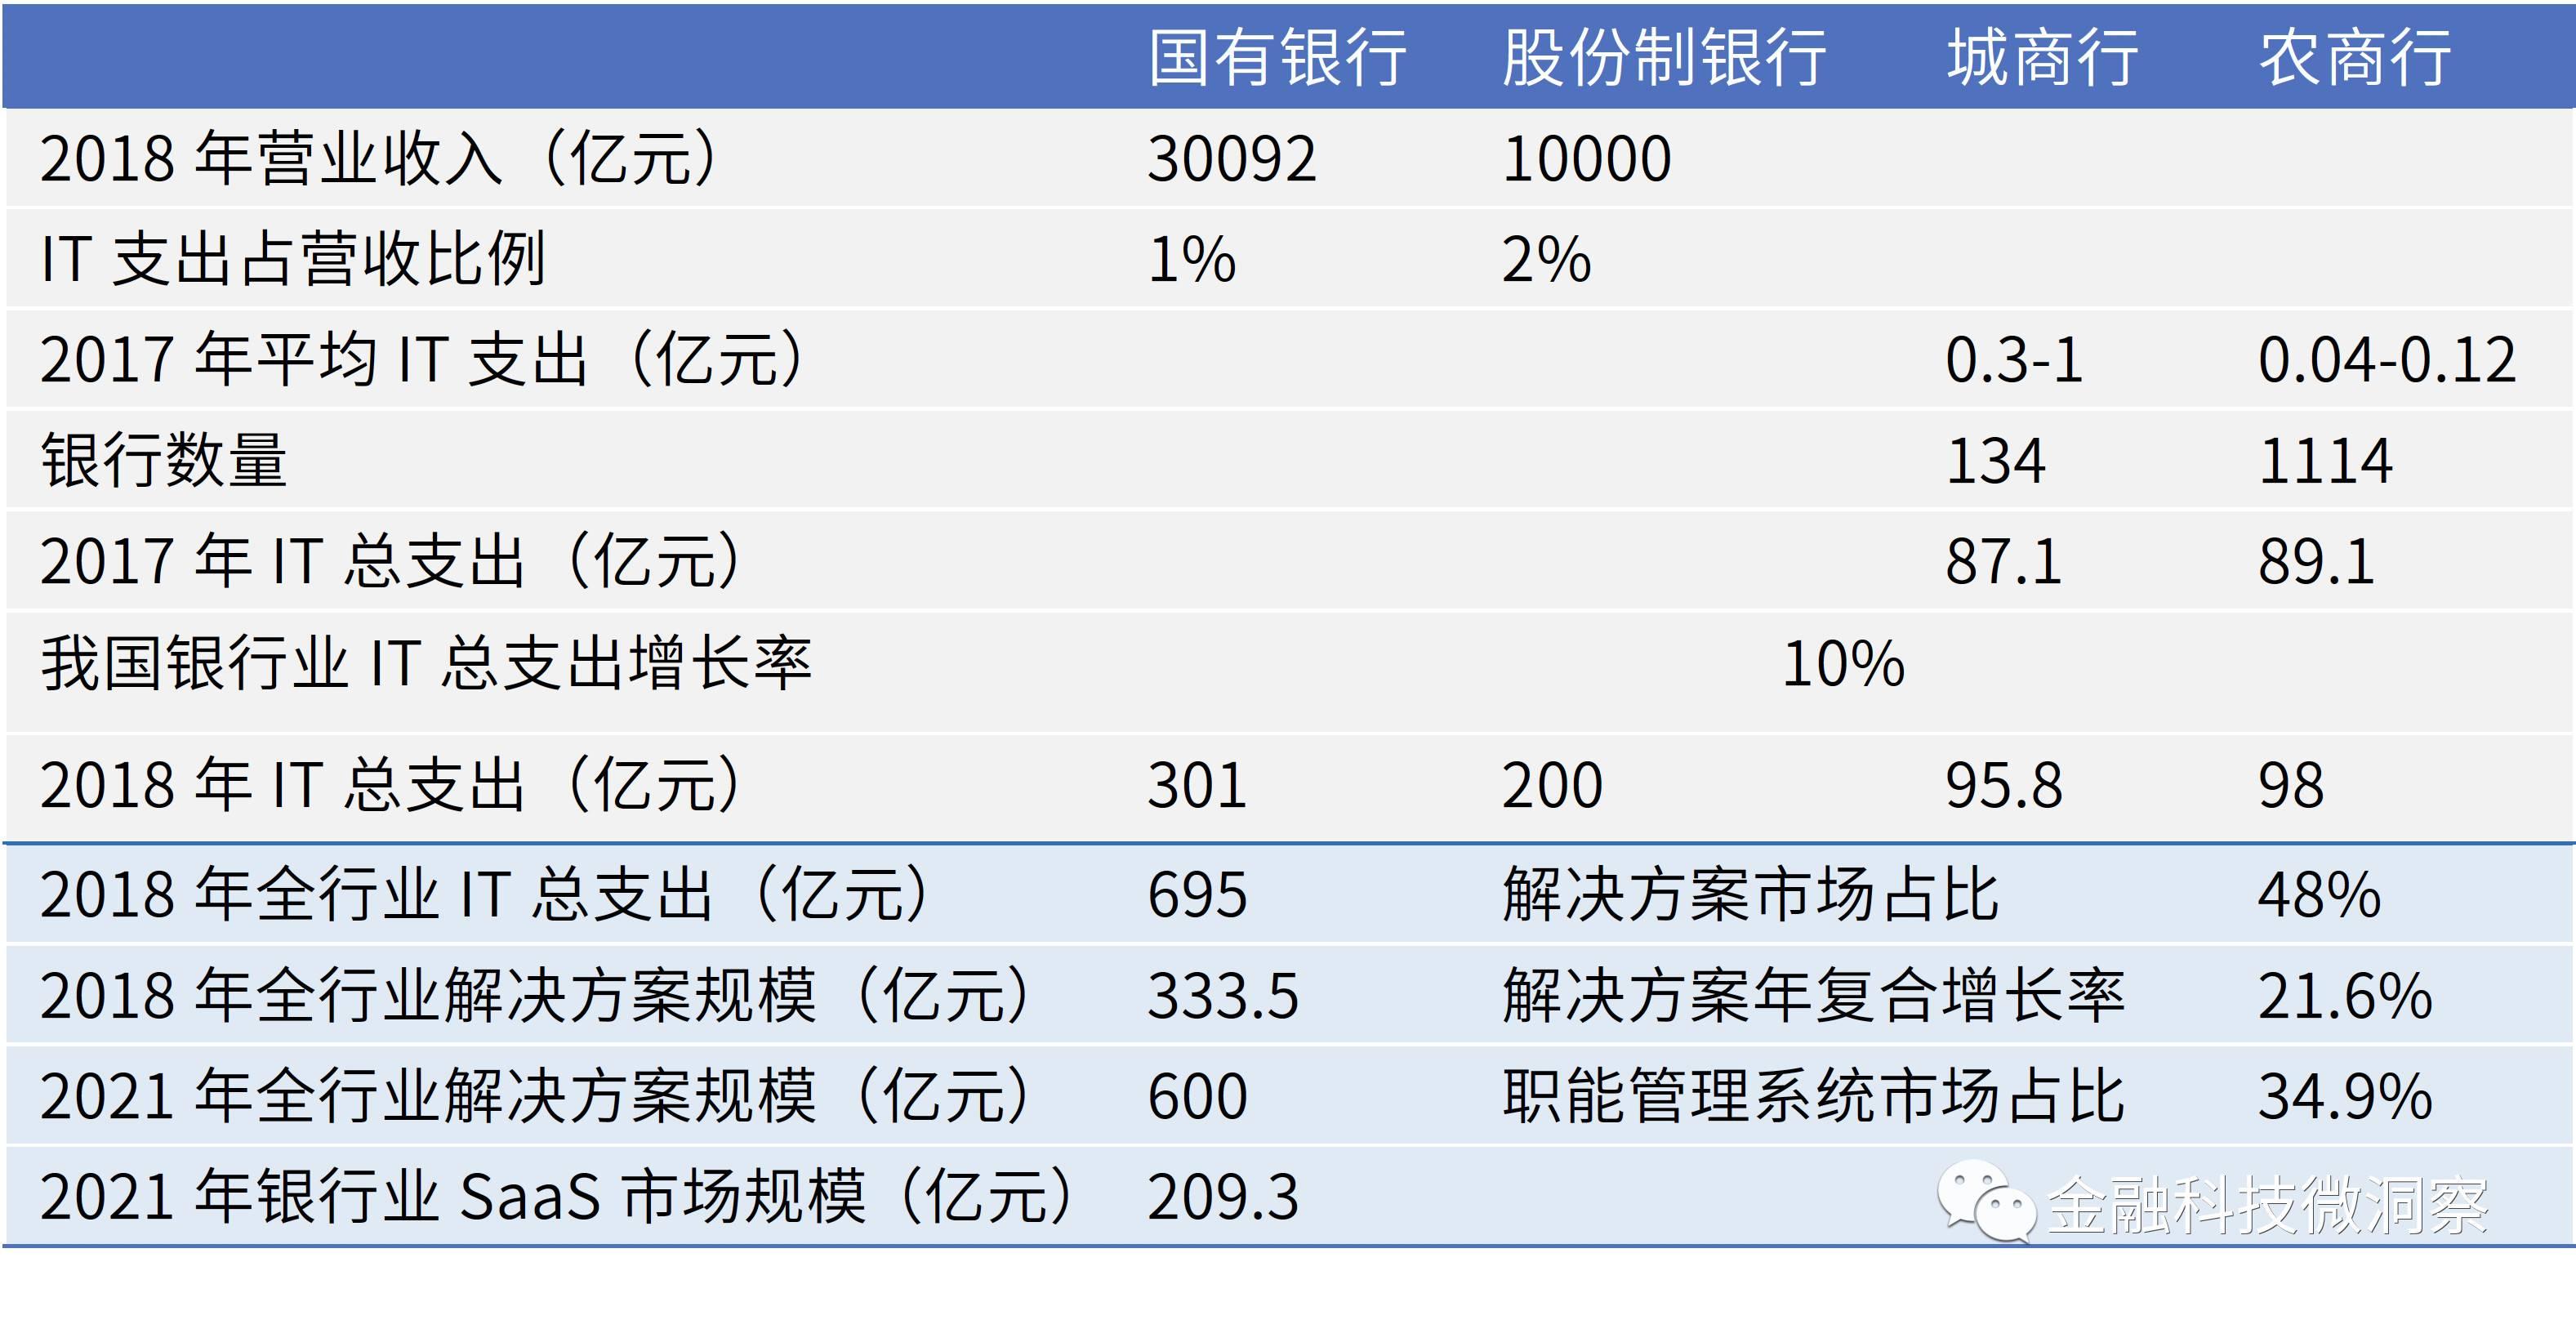 表 1:2021年银行业SaaS市场规模估计(支出法).jpg